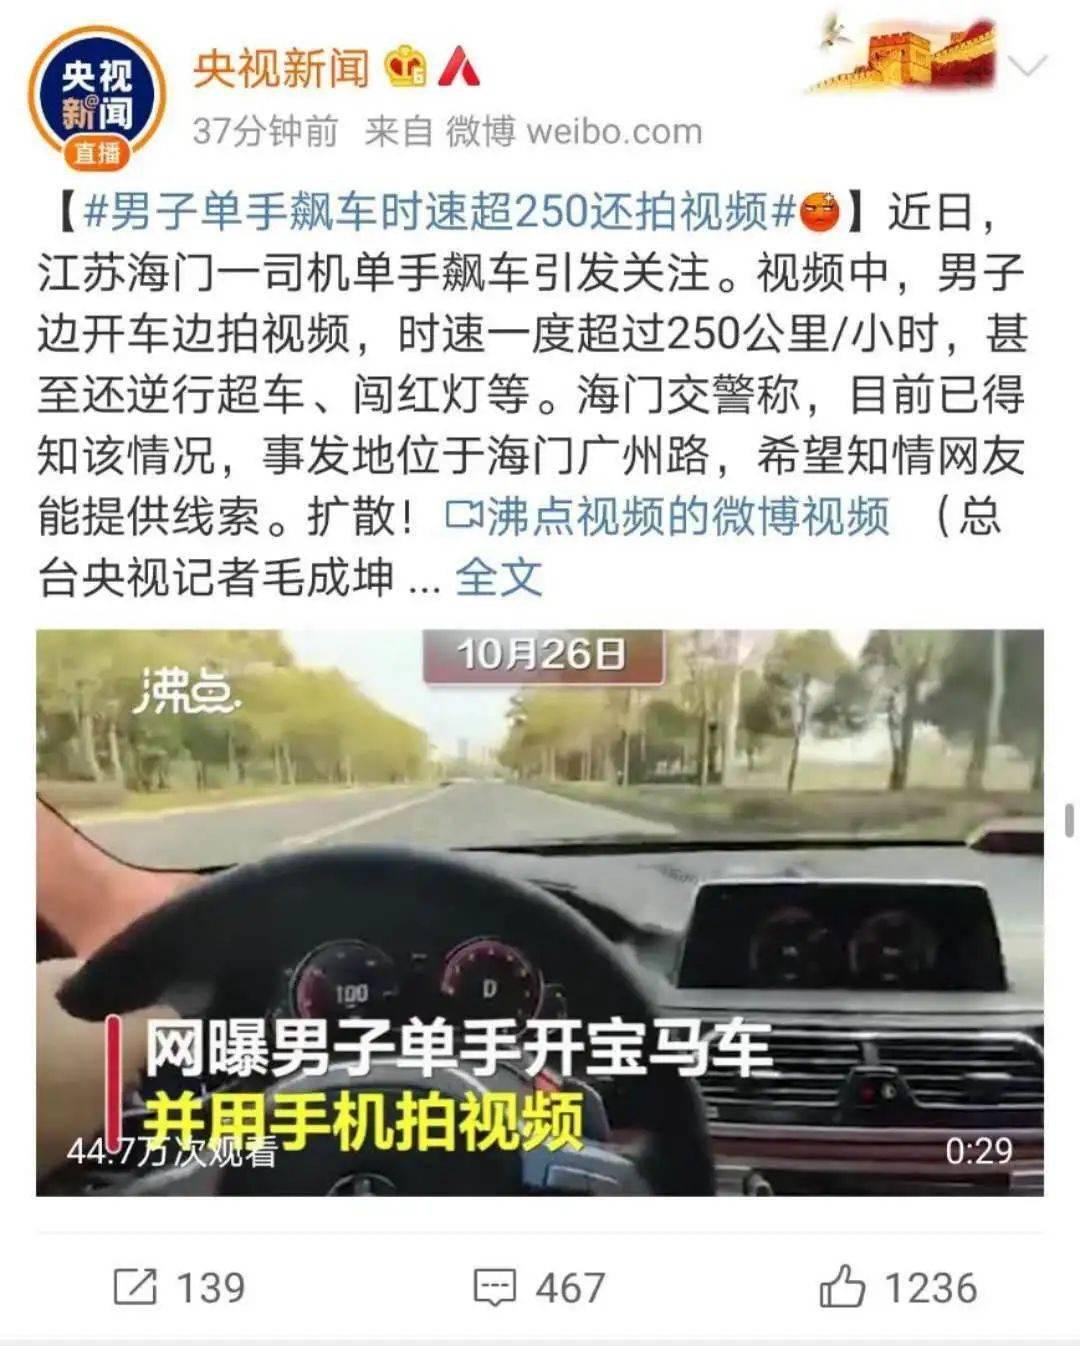 恒达注册男子单手开宝马车速超250,警方通报了(图4)